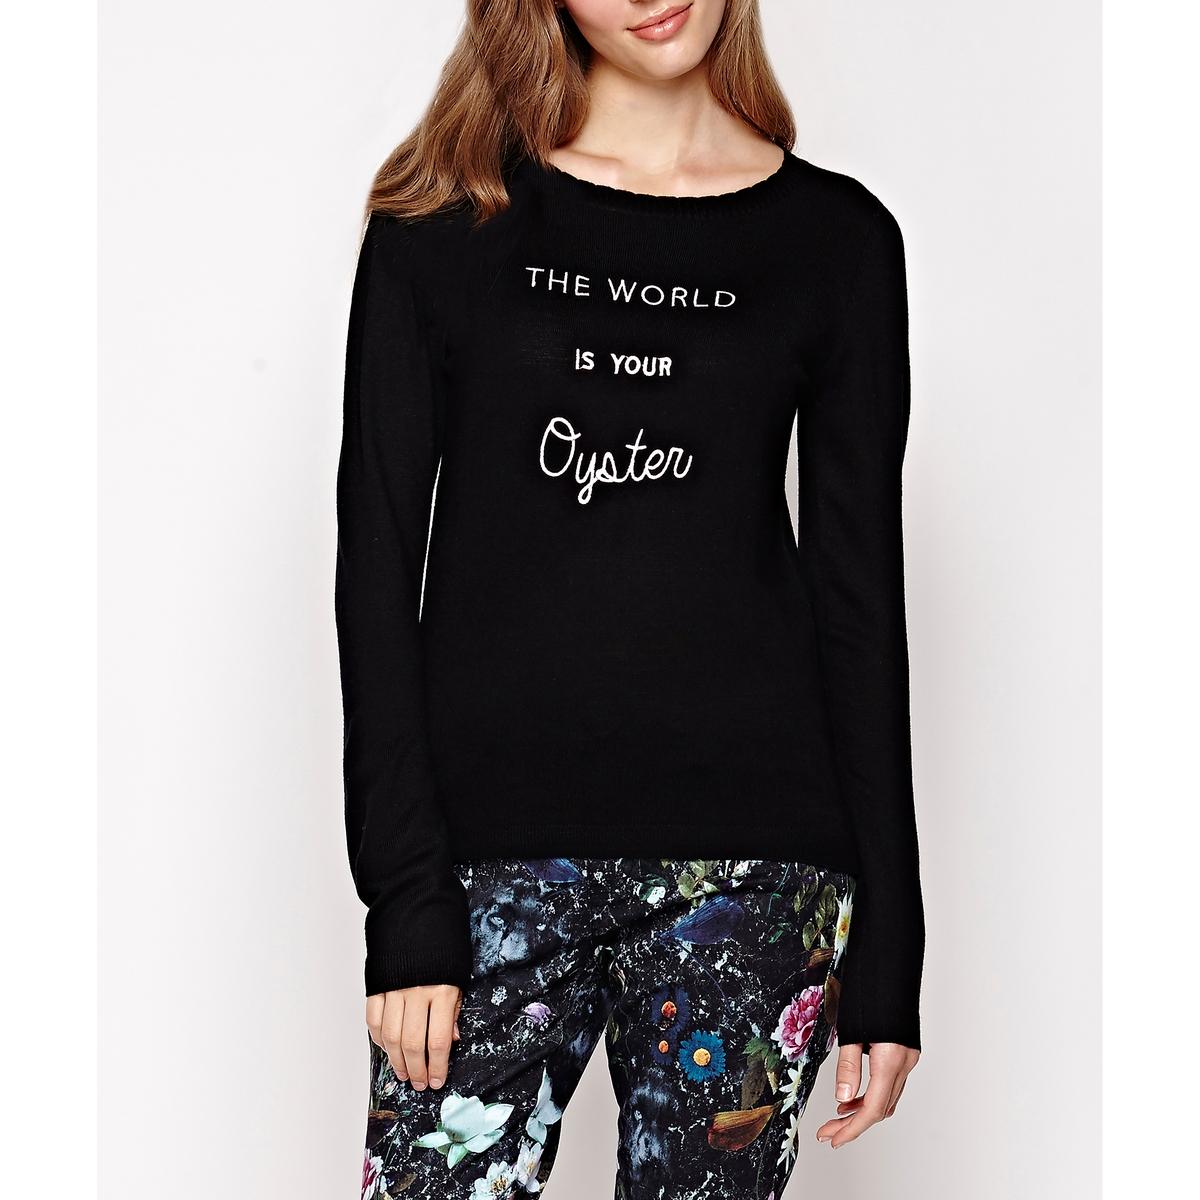 Пуловер с надписью, с длинными рукавамиСостав и описание :Материал : 47% полиэстера, 25% акрила, 20% полиамида, 8% шерсти.Марка : YUMI.Уход: :- Стирать вручную..<br><br>Цвет: черный<br>Размер: 36 (FR) - 42 (RUS)